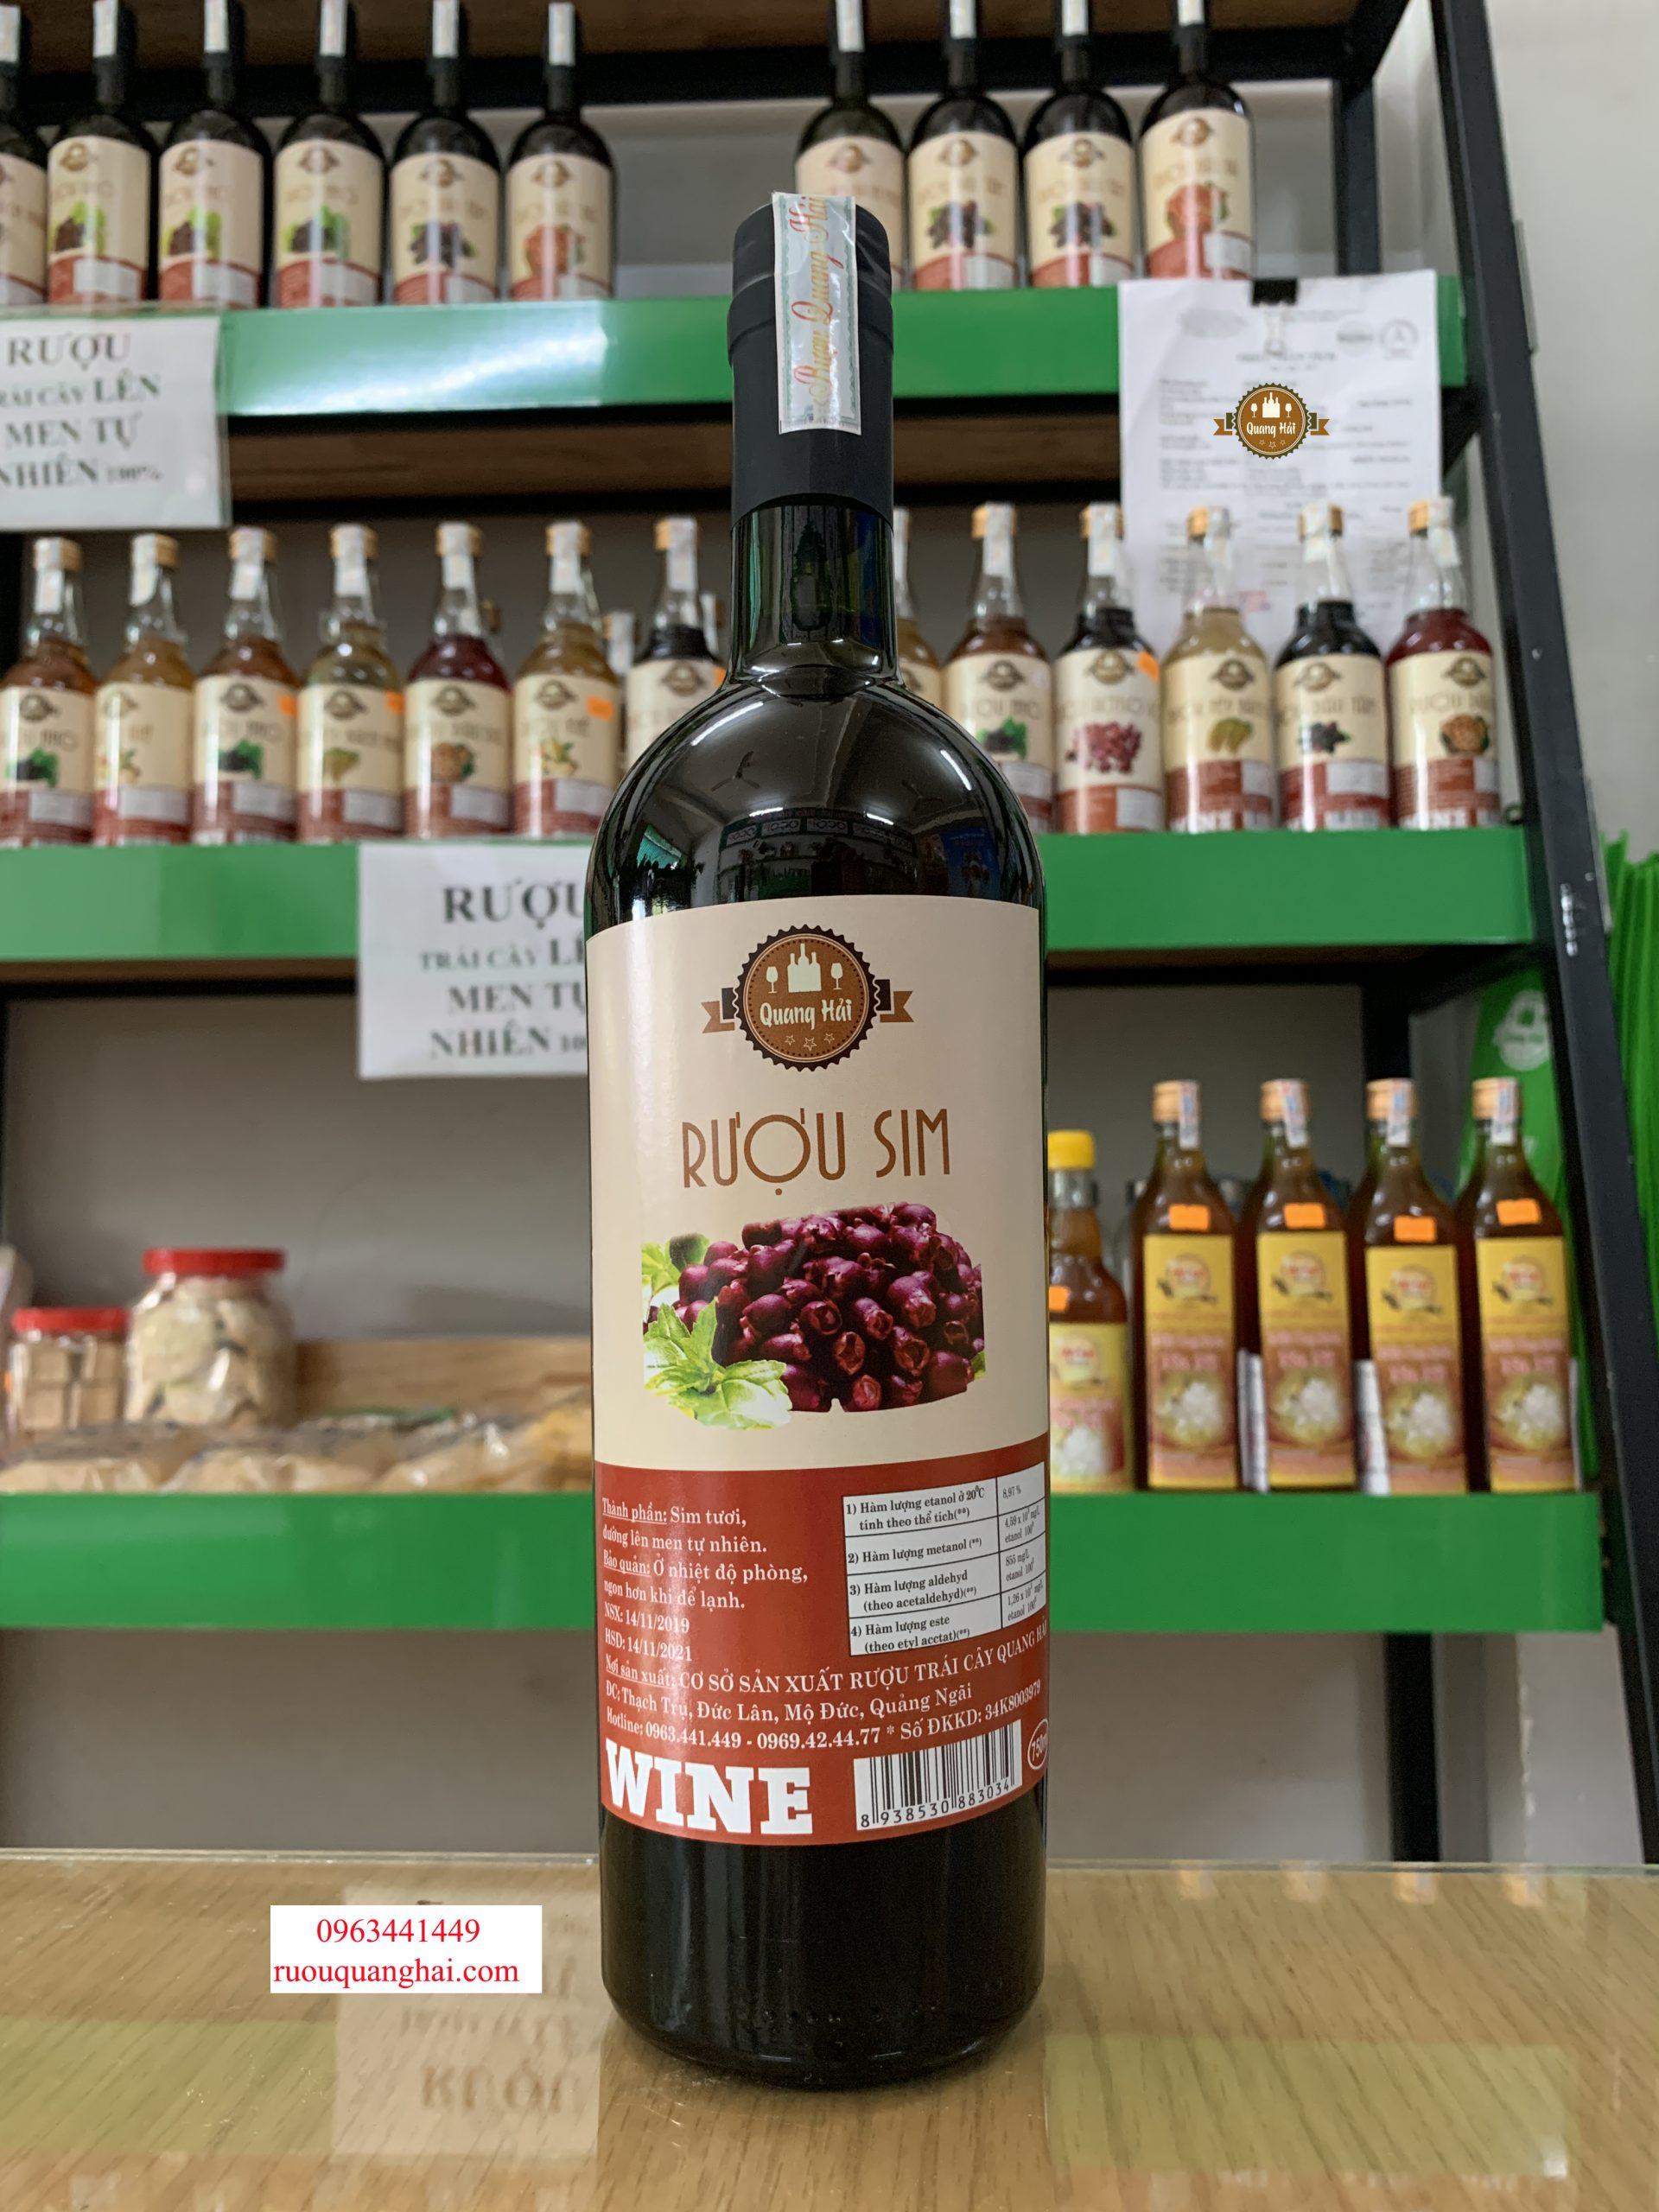 Nên uống rượu Quang Hải Quảng Ngãi kết hợp với bữa ăn để phát huy công hiệu của sản phẩm